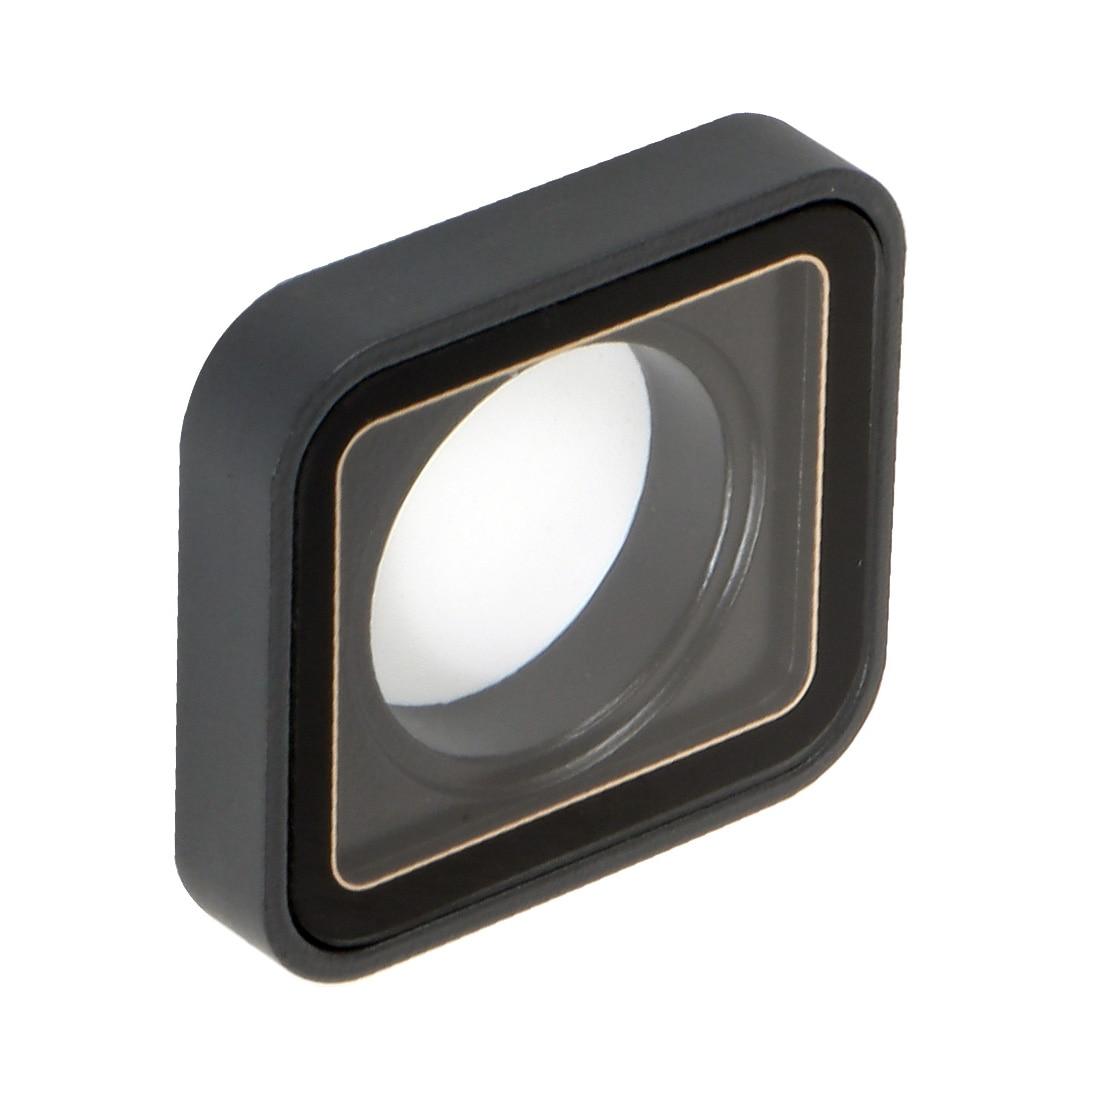 UV anillo de la lente de Repuesto de la cubierta de la reparación de la caja de protección marco para Gopro Hero 5 6 7 negro Hero5 Hero6 Hero7 accesorios de la cámara